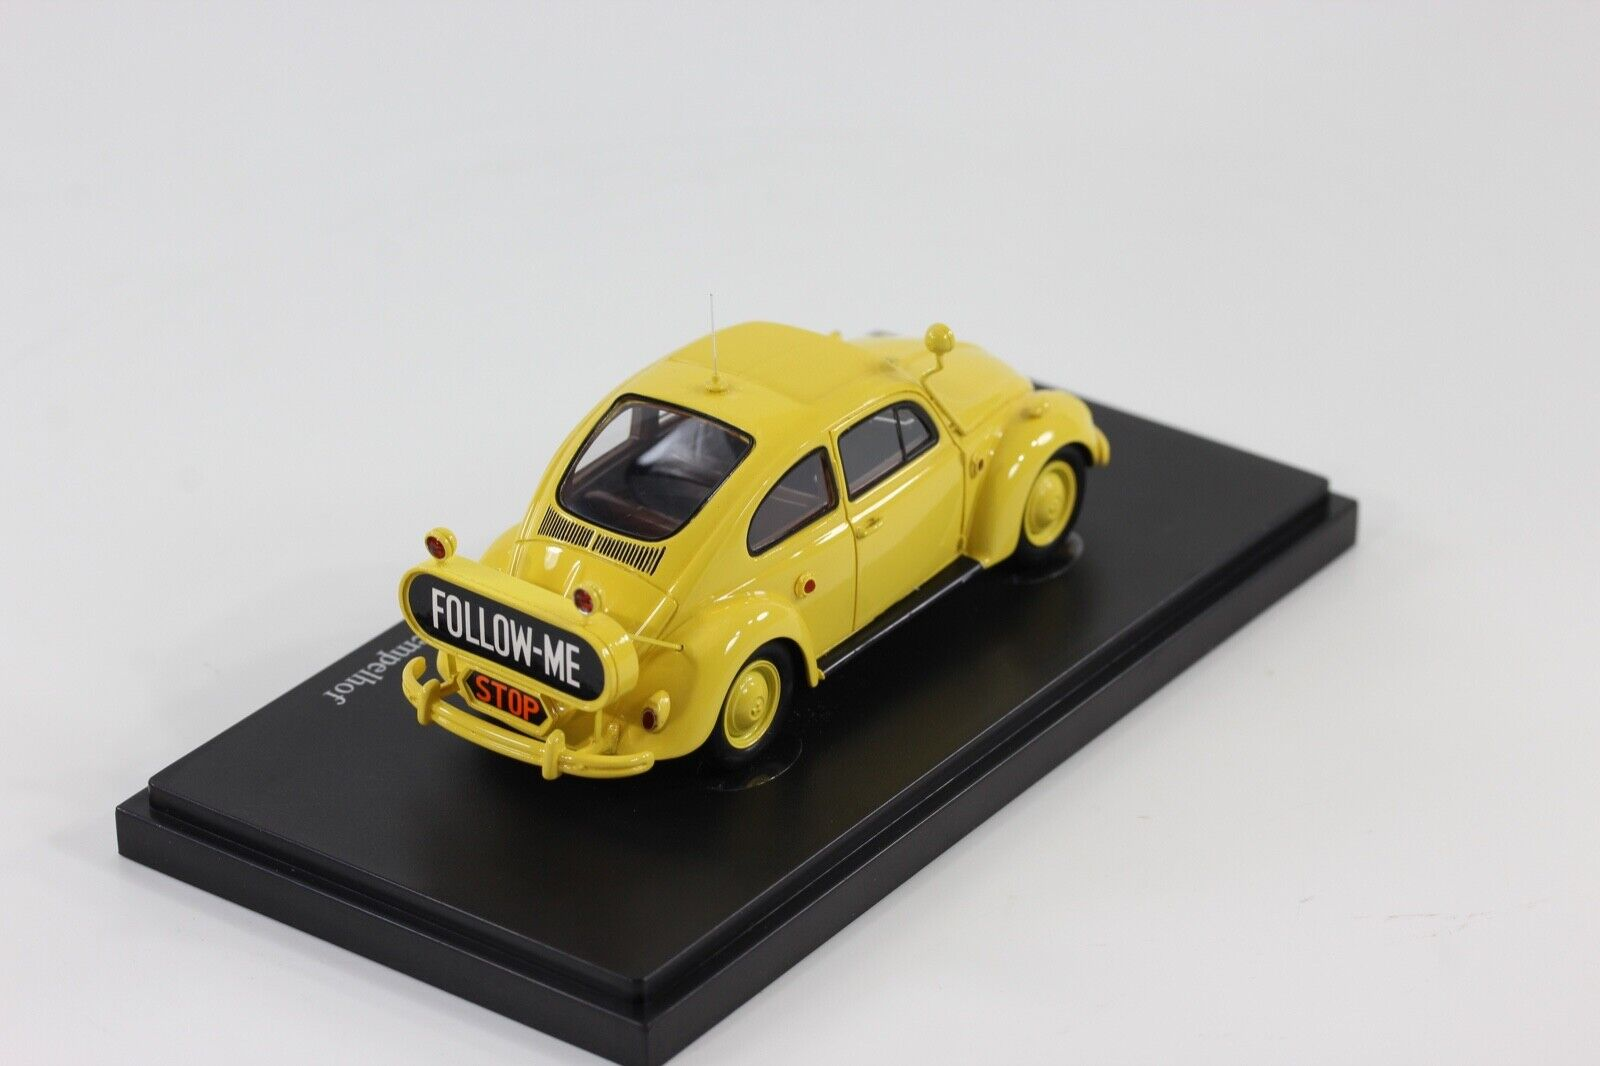 Autocult VW Beetle 1200  FolFaible me  BERLIN-TEMPELHOF  1954 1 43 autocult 12007  branché